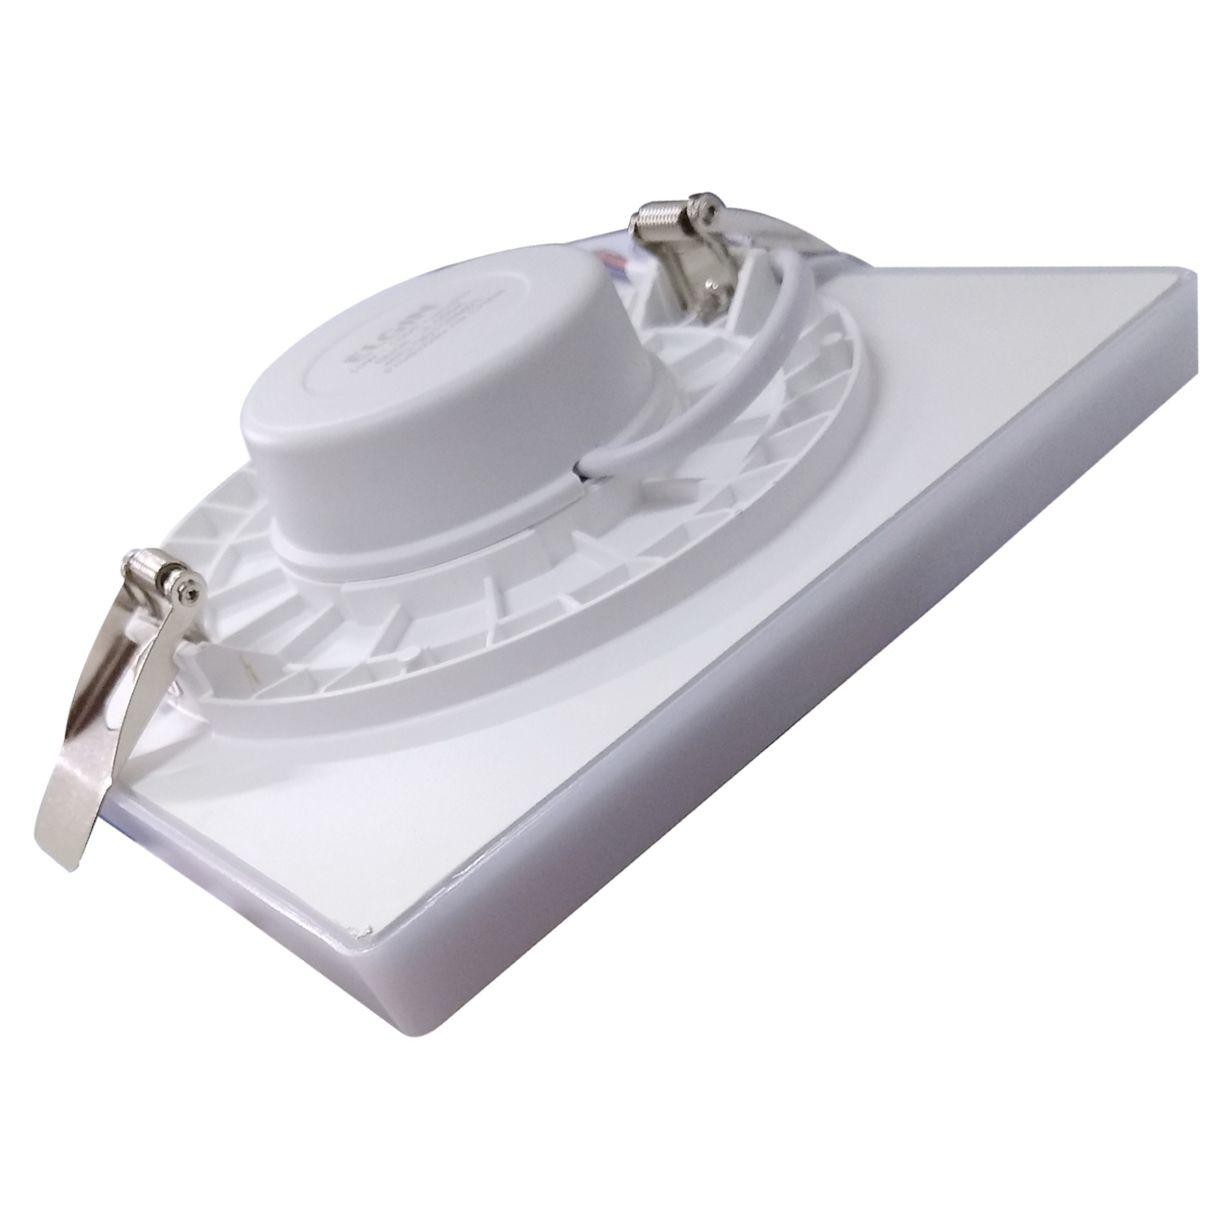 Plafon Luminária Infinity Led Quadrado Embutir 15w Elgin  - EMPORIO K